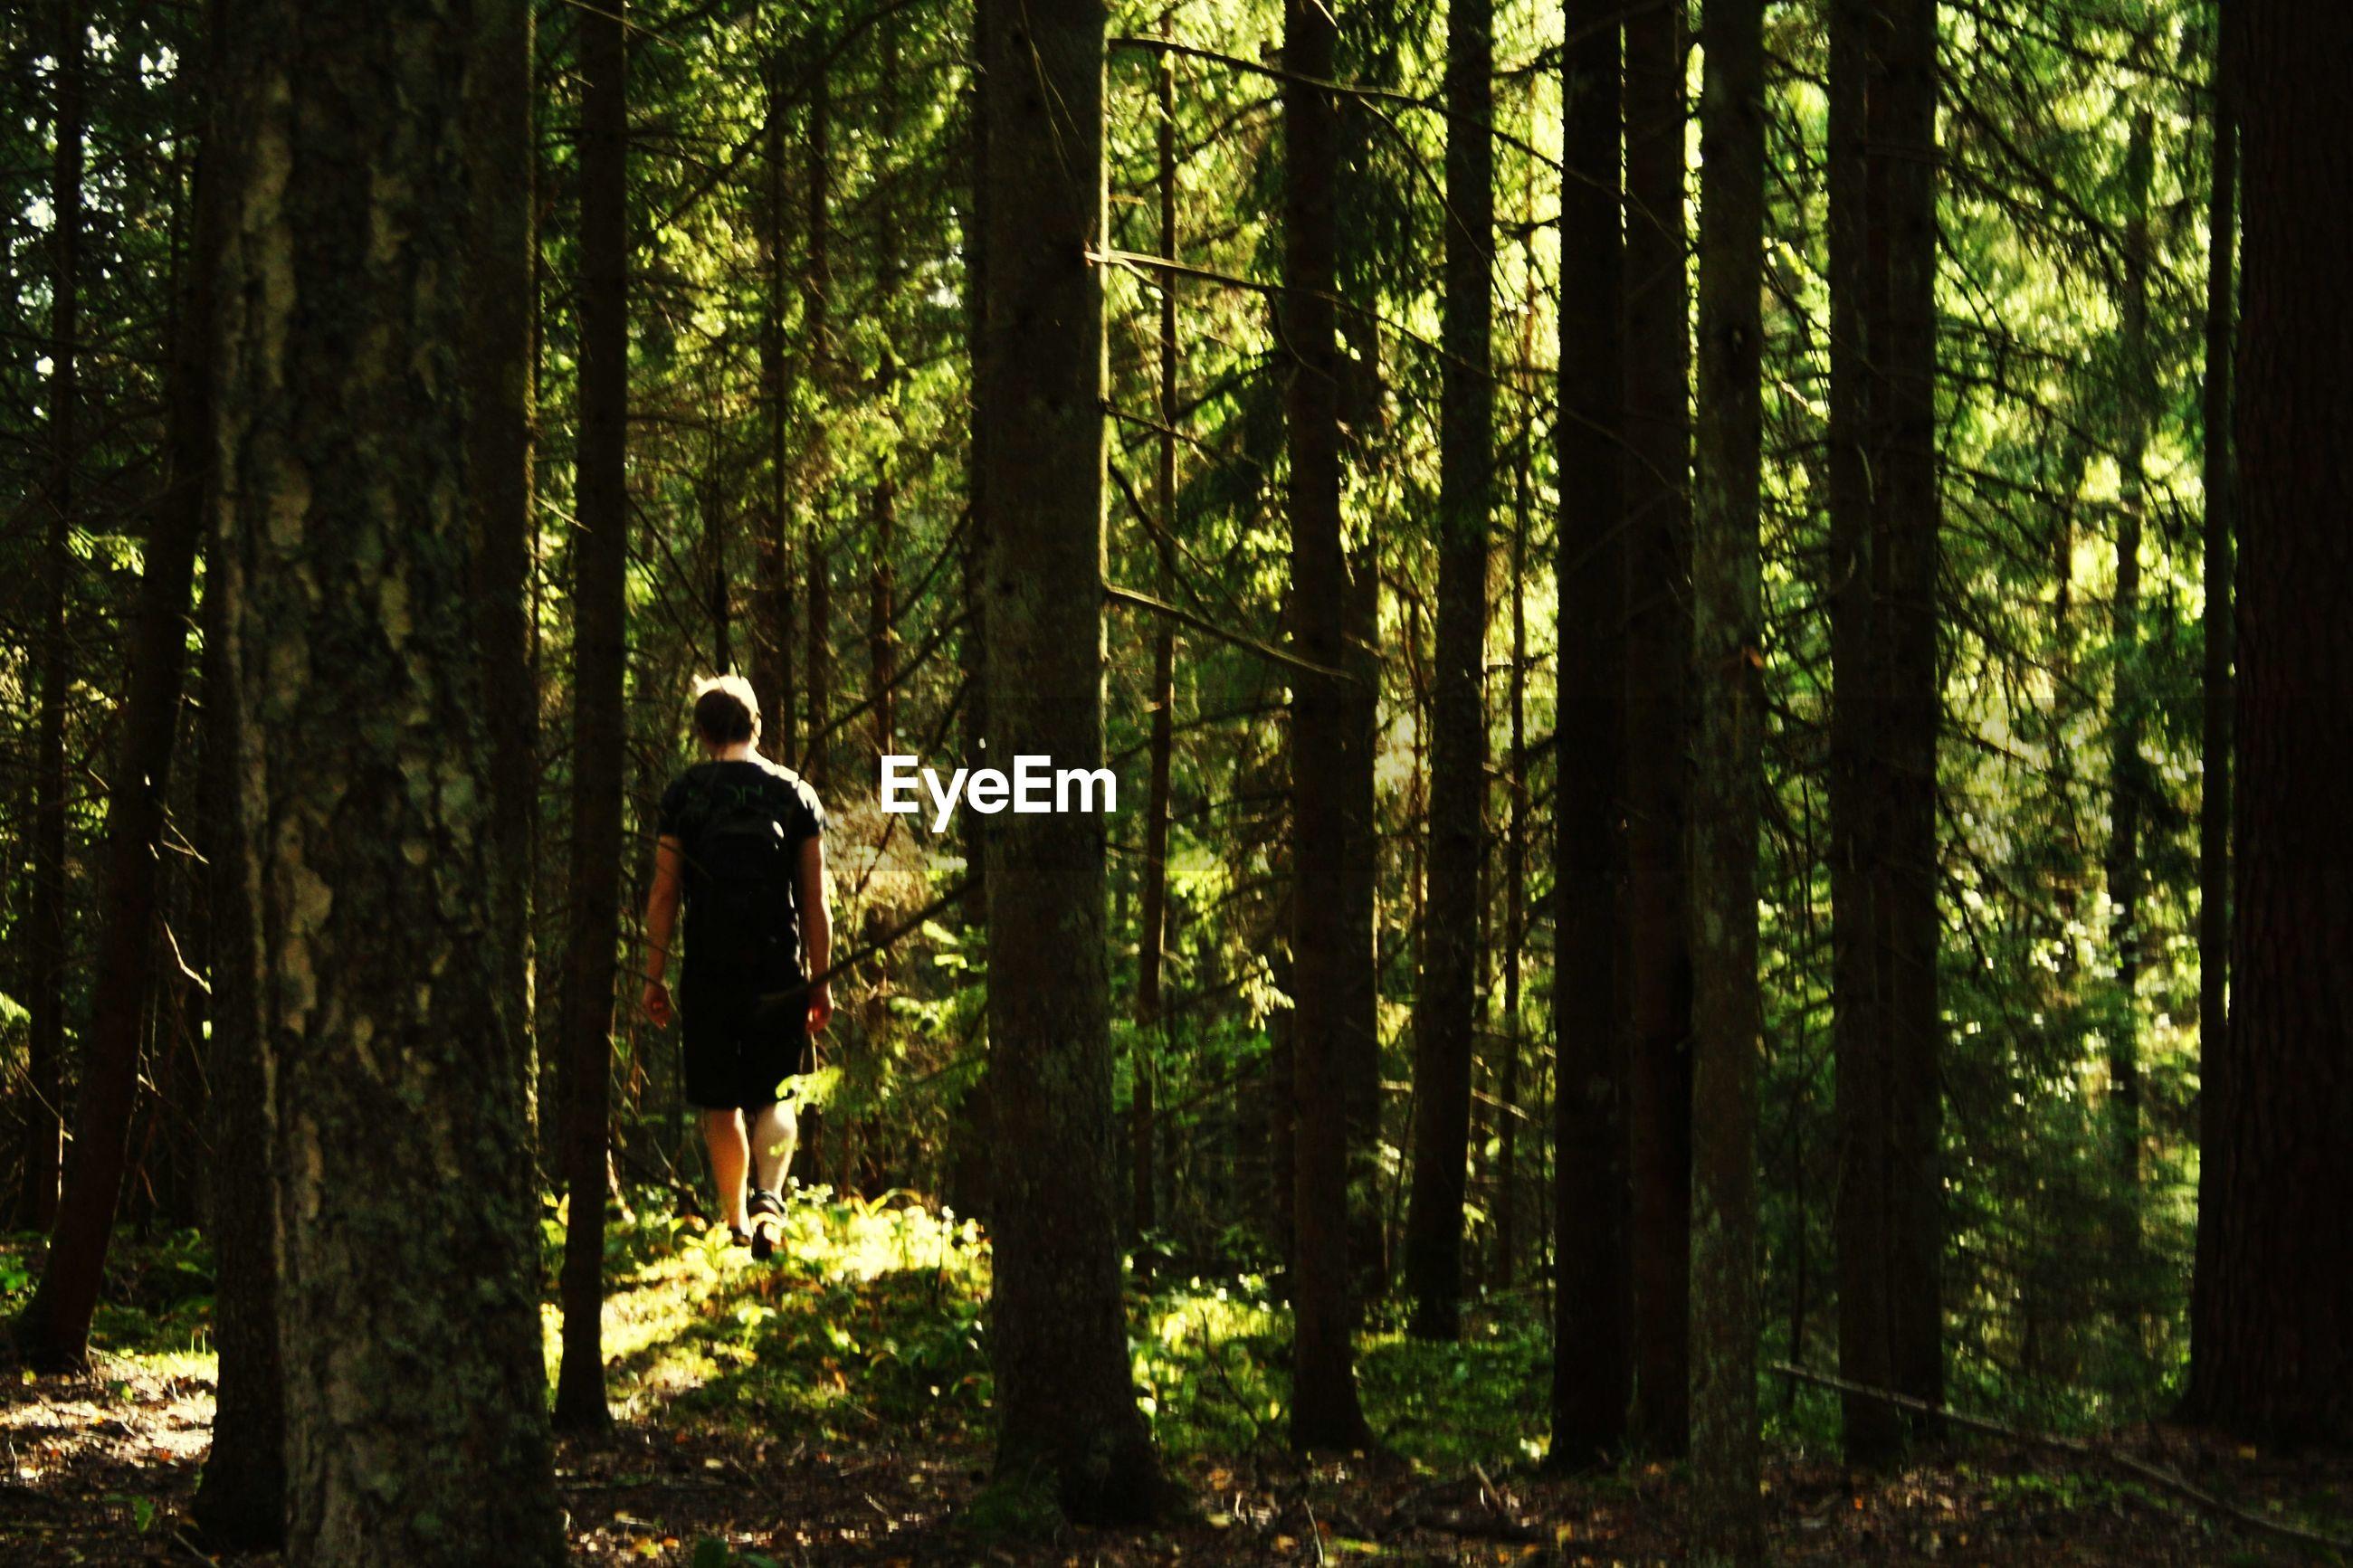 MAN WALKING BY TREE TRUNKS IN FOREST